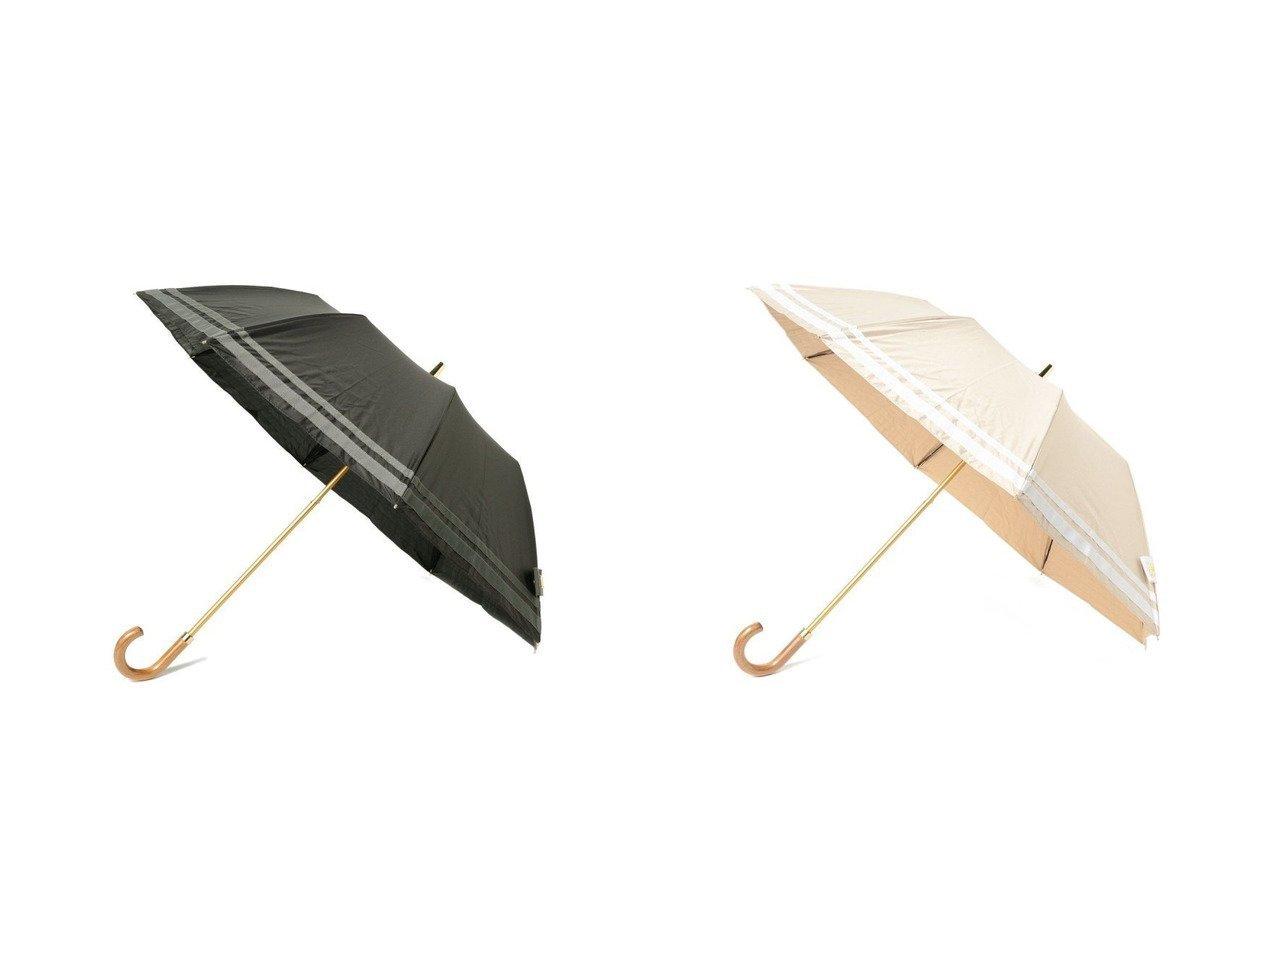 【Demi-Luxe BEAMS/デミルクス ビームス】のボーダー 折りたたみ傘 おすすめ!人気、トレンド・レディースファッションの通販 おすすめで人気の流行・トレンド、ファッションの通販商品 インテリア・家具・メンズファッション・キッズファッション・レディースファッション・服の通販 founy(ファニー) https://founy.com/ ファッション Fashion レディースファッション WOMEN 傘 / レイングッズ Umbrellas/Rainwear エレガント ニューヨーク ボーダー 傘 帽子 |ID:crp329100000061085